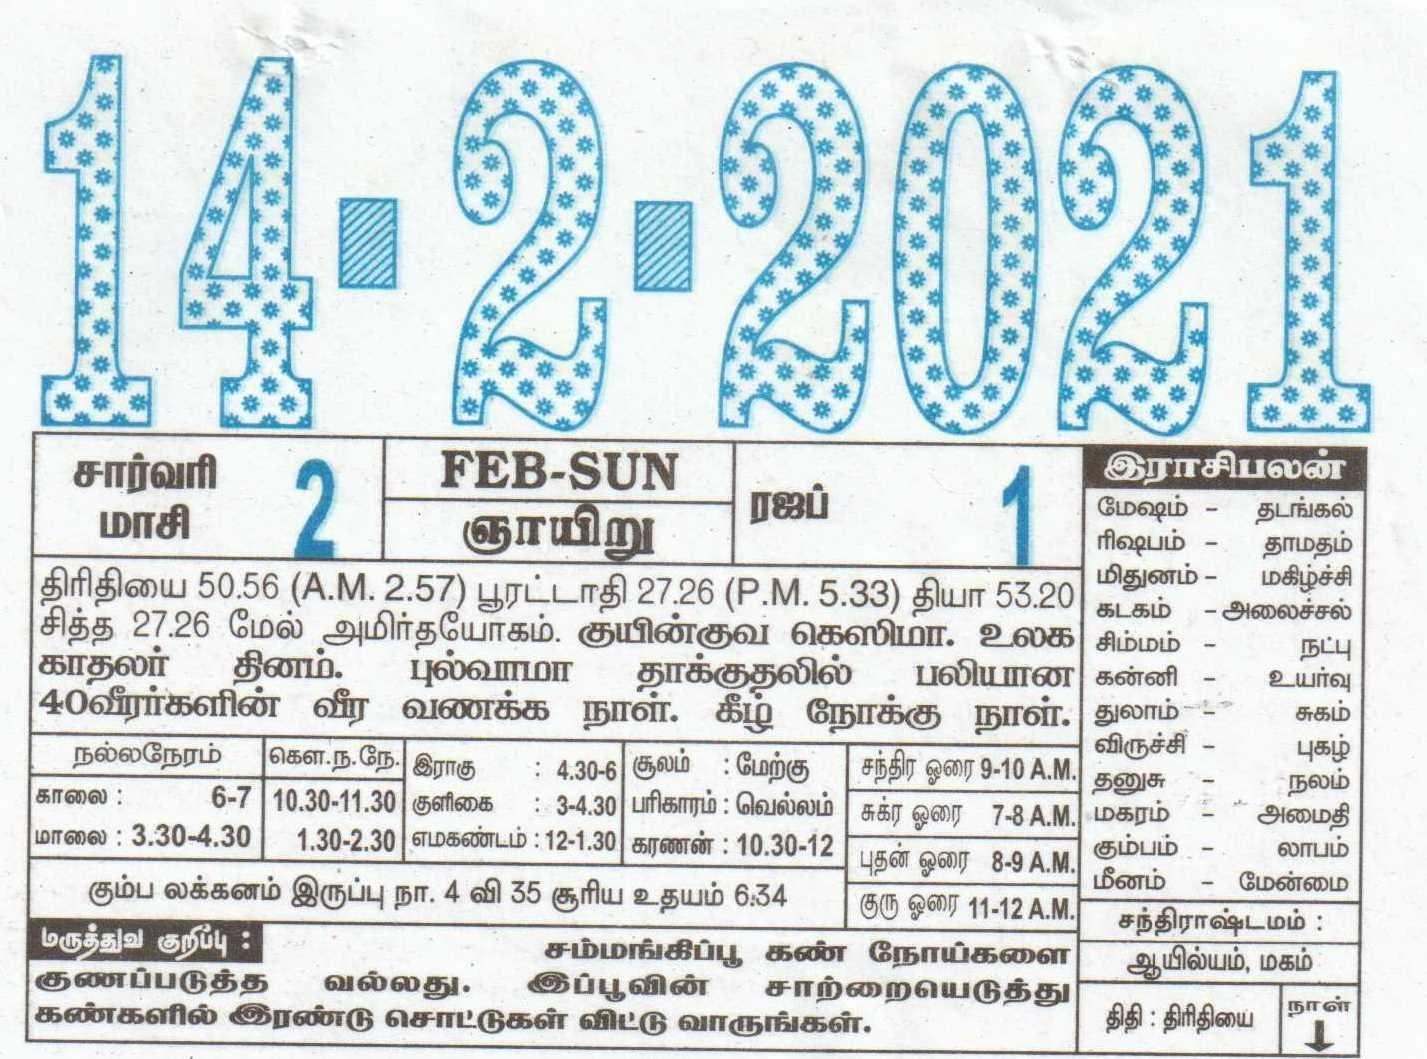 14-02-2021 Daily Calendar   Date 14 , January Daily Tear Off Calendar   Daily Panchangam Rasi Palan throughout 2021 Tamil Calendar Holidays